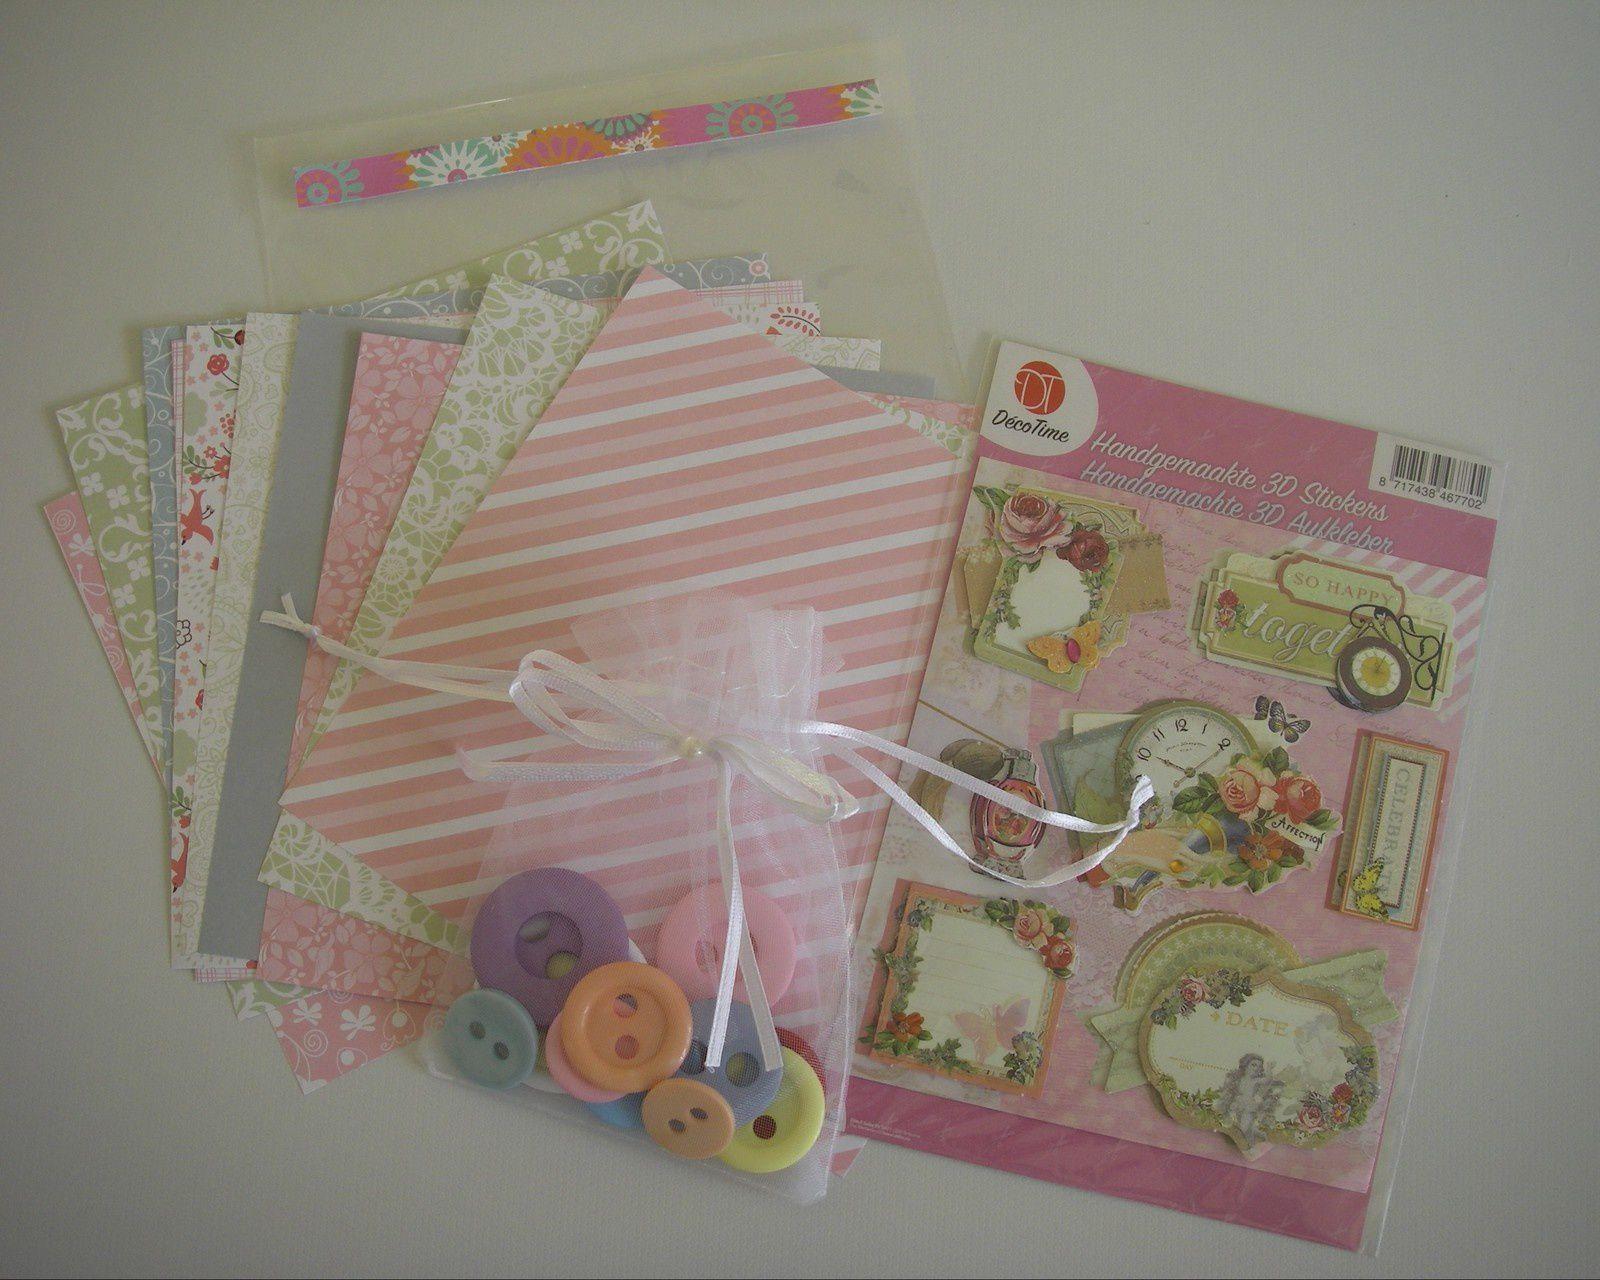 """La très jolie carte-pochette de Natyf (que je ne manquerai pas de """"copier"""" à l'occasion) accompagnée de petits cadeaux très sympas."""